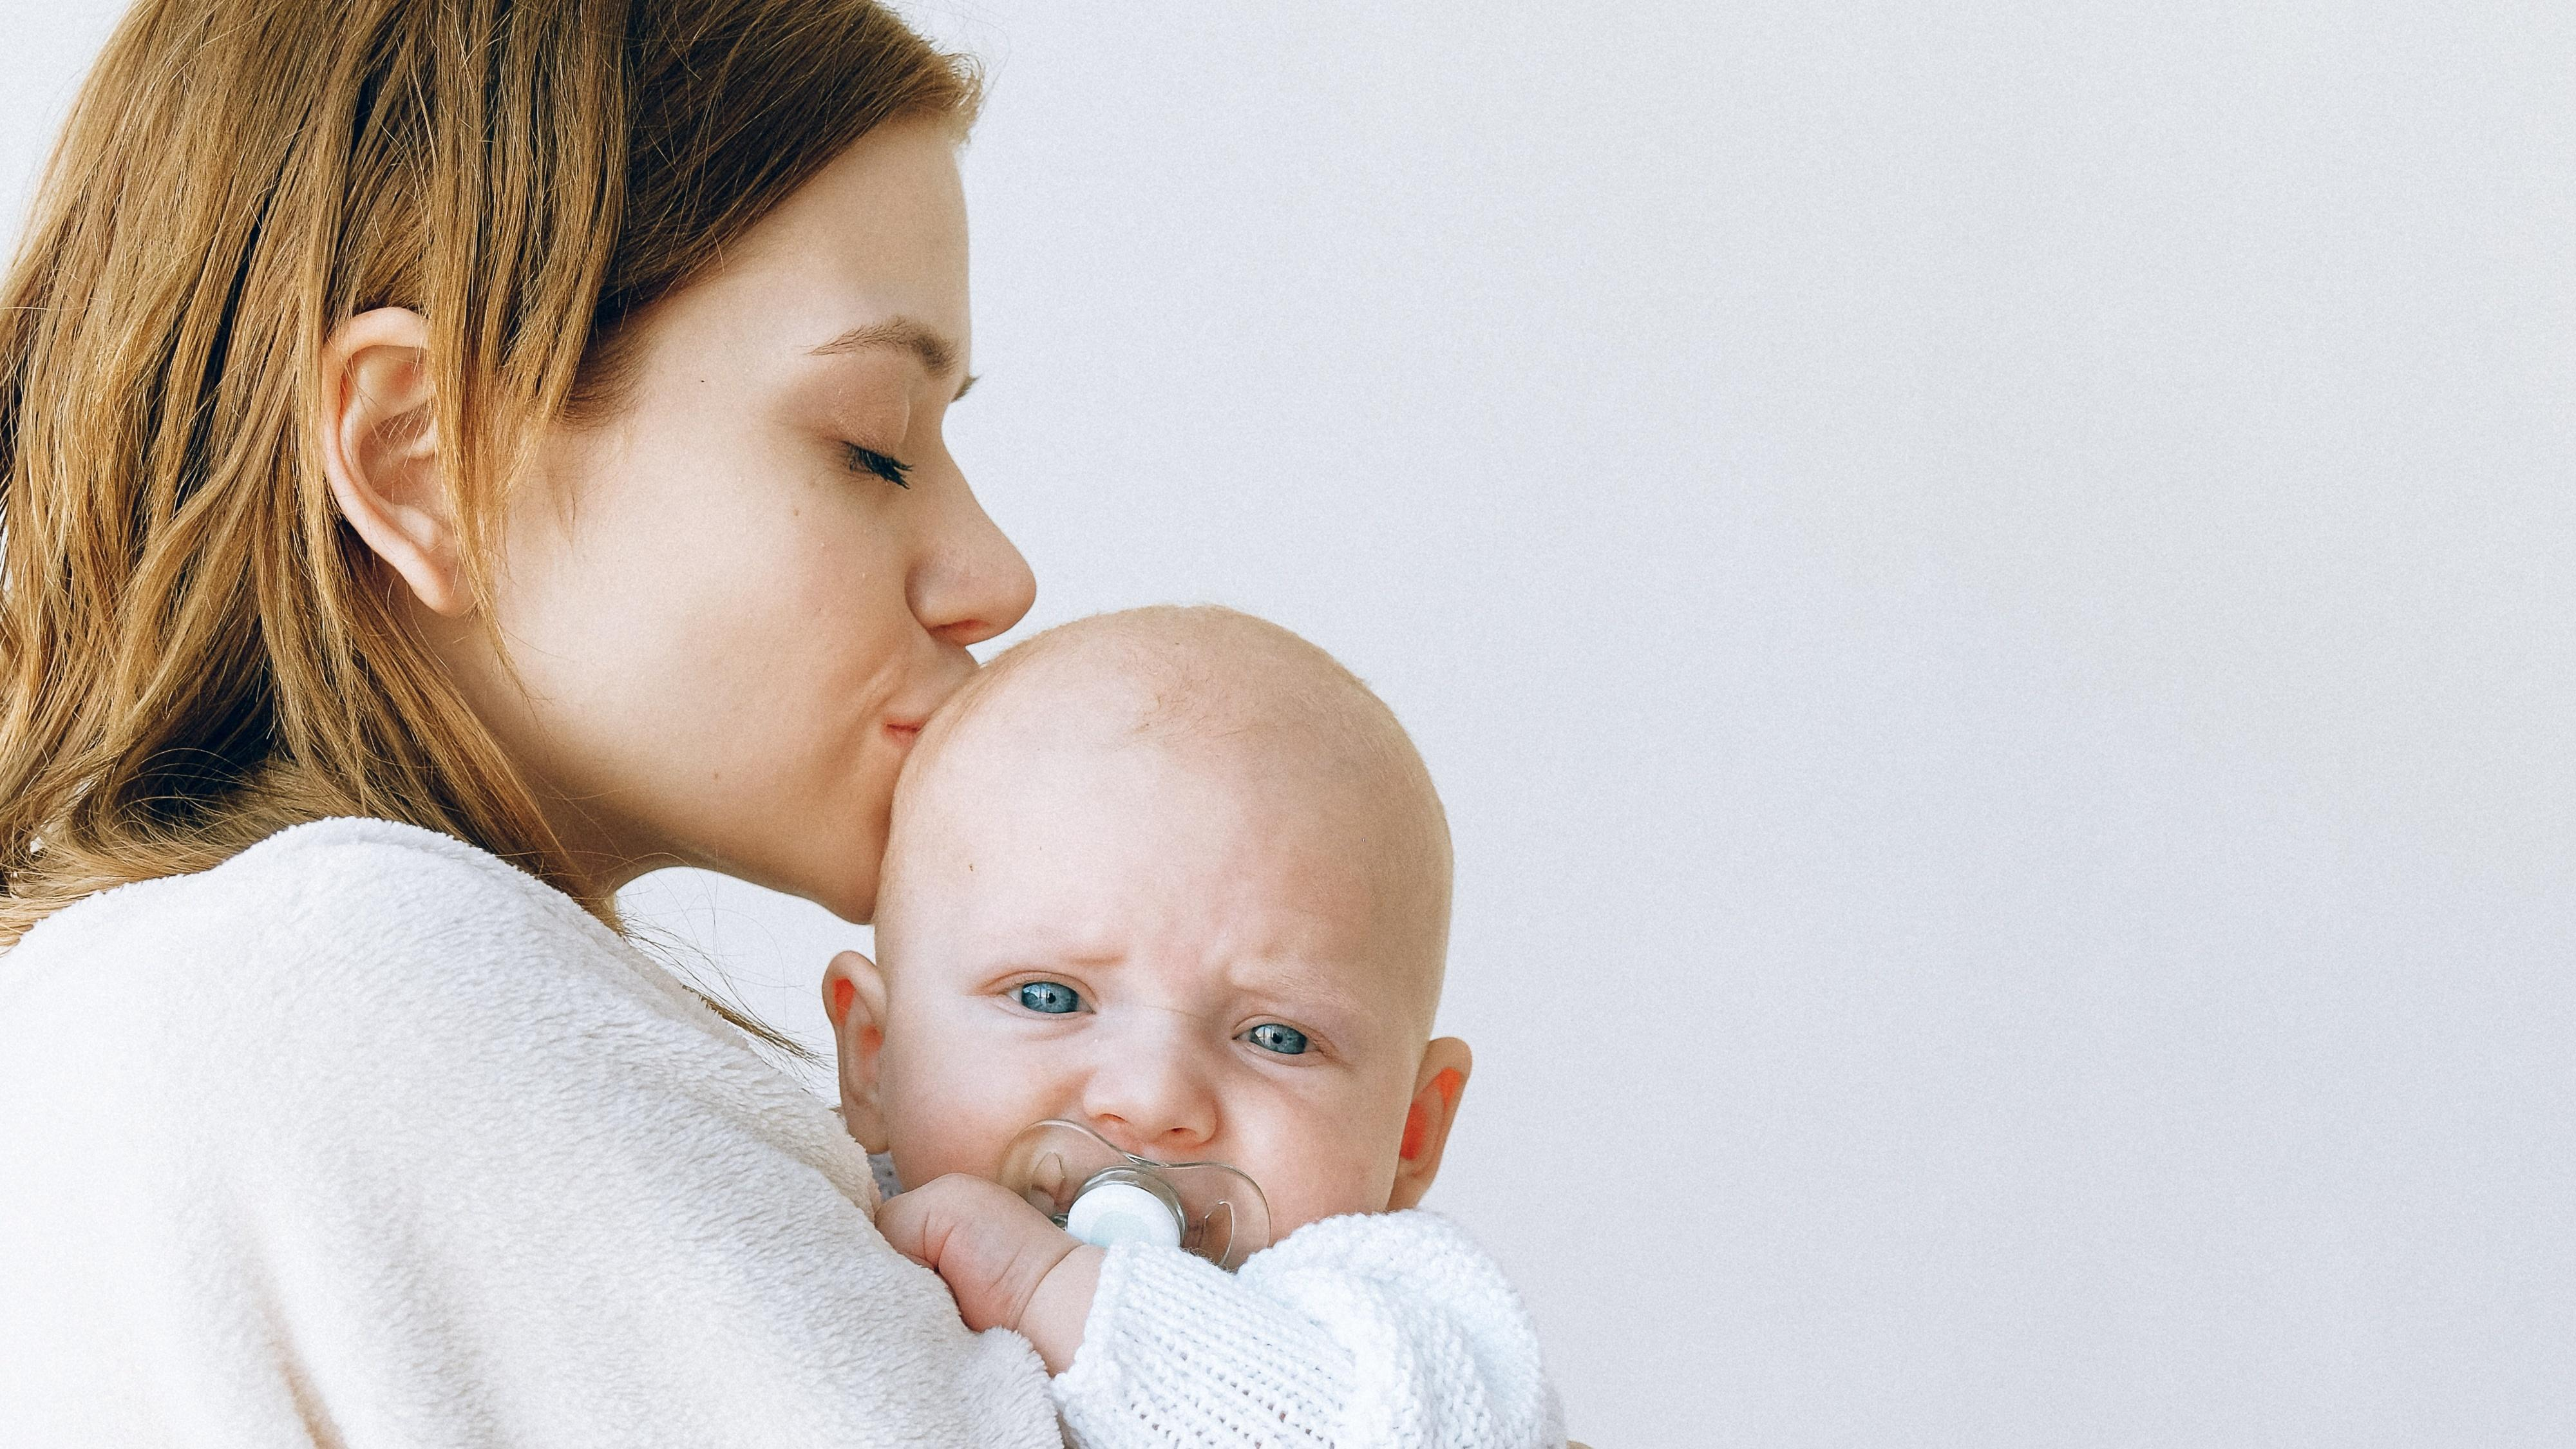 Nach einer professionellen Behandlung können Sie die Zeit mit Ihrem Baby genießen.